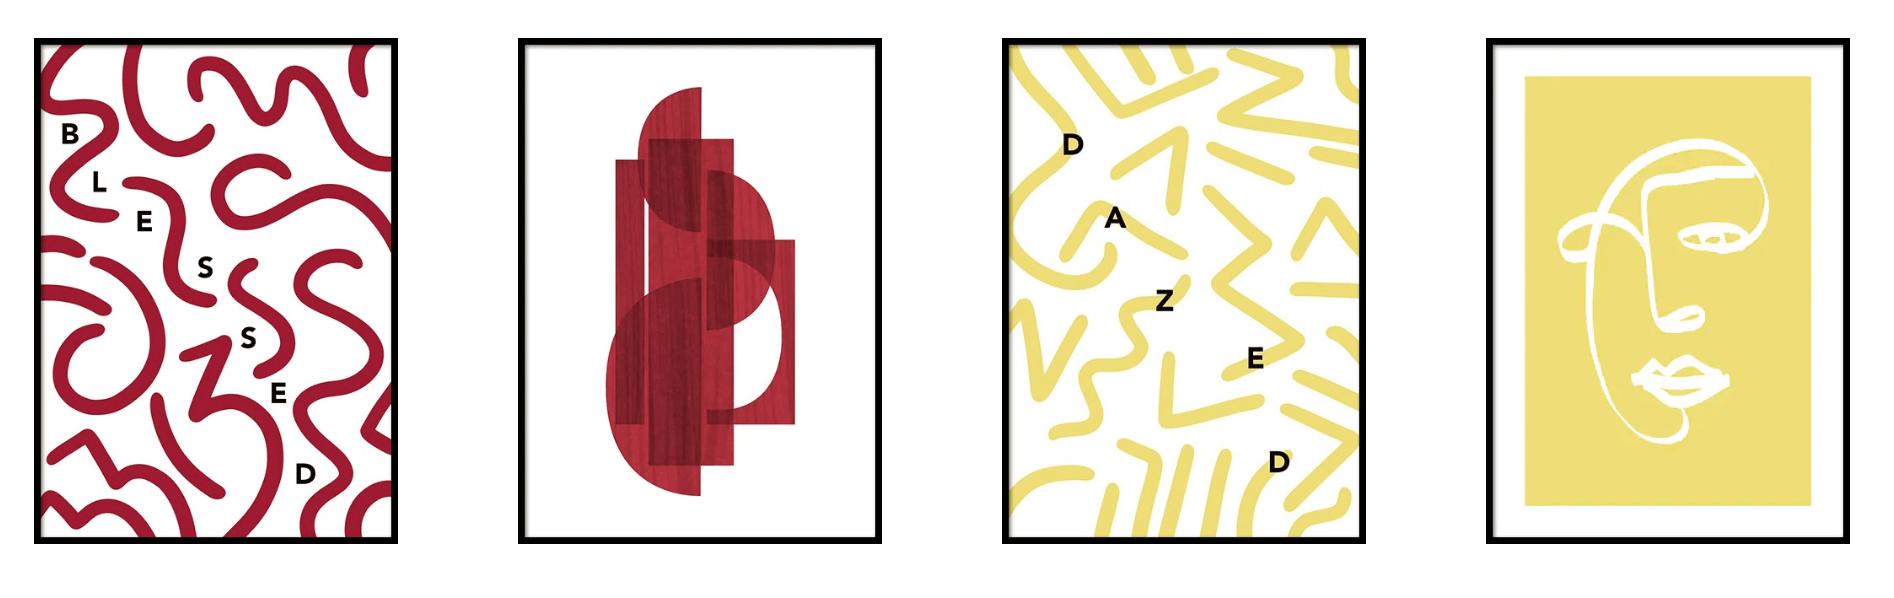 Desenio Posters Online